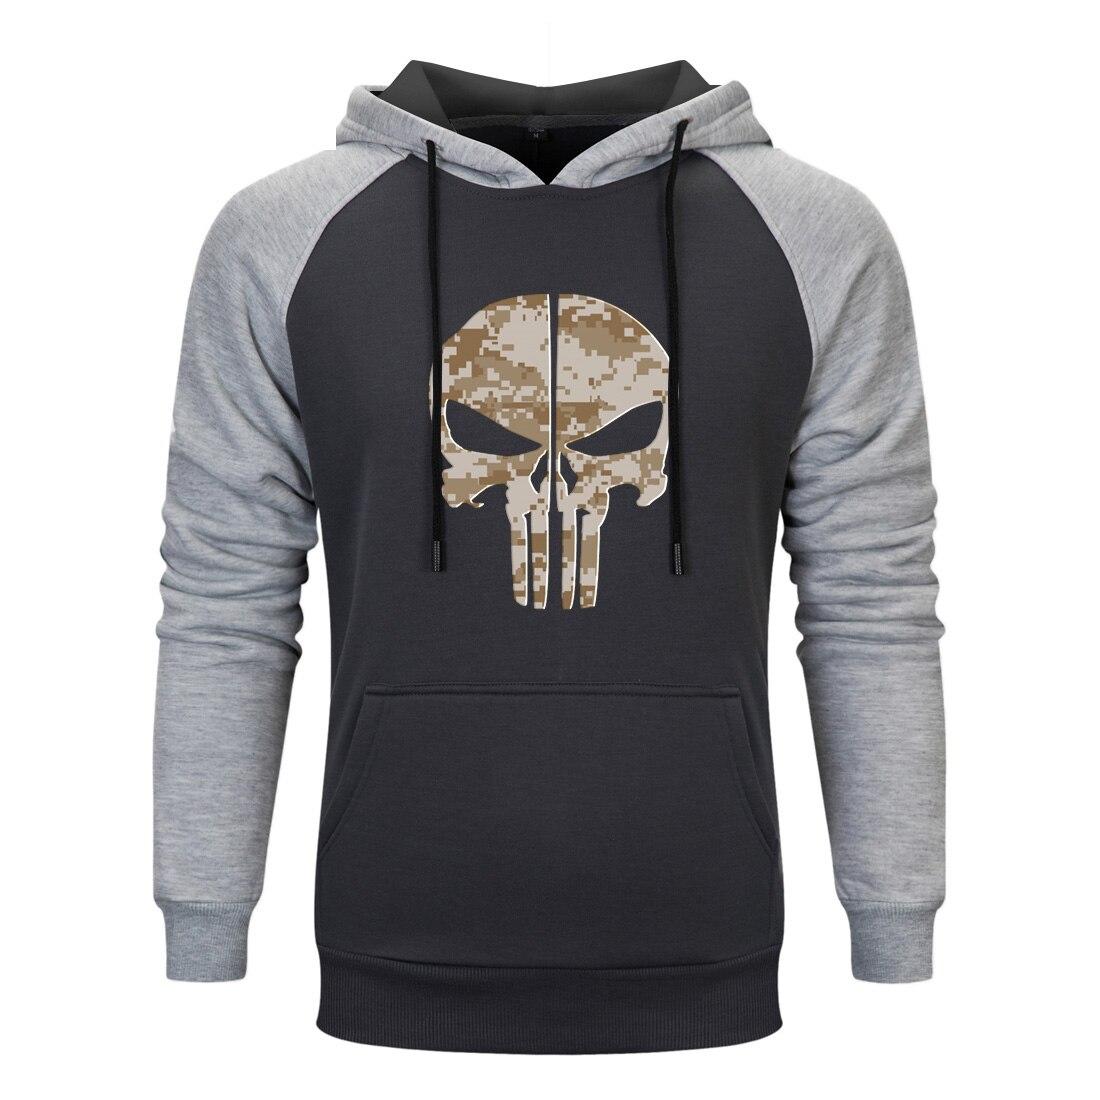 Funny Printed Hooded Poodies Horror Skull Spring Autumn Men Sweatshirt Raglan Streetwear Hooded Funny Sportswear Hoodies Clothes